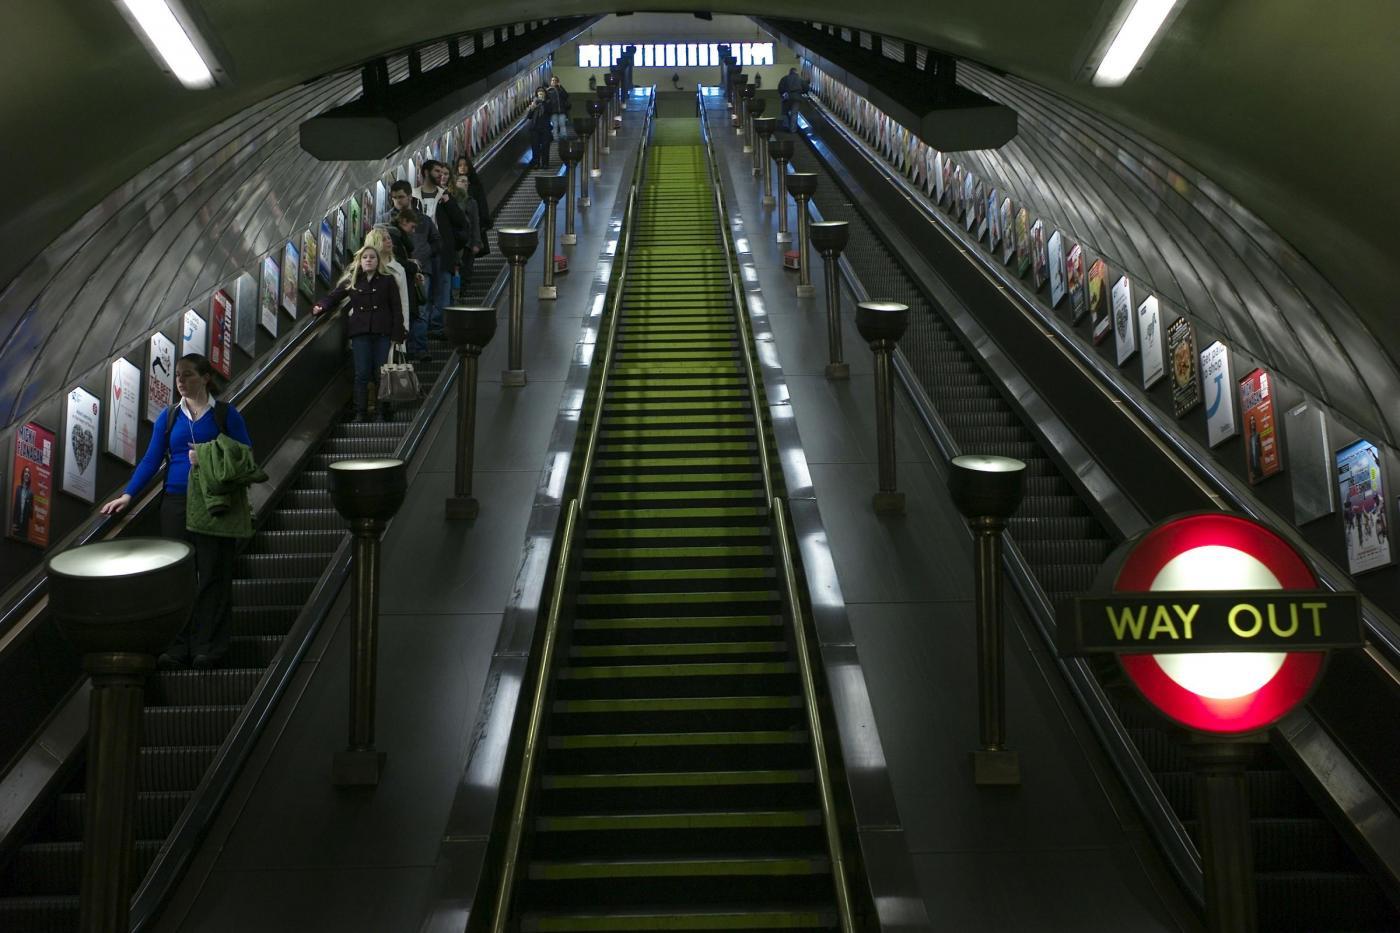 La Metro di Londra compie 150 anni003